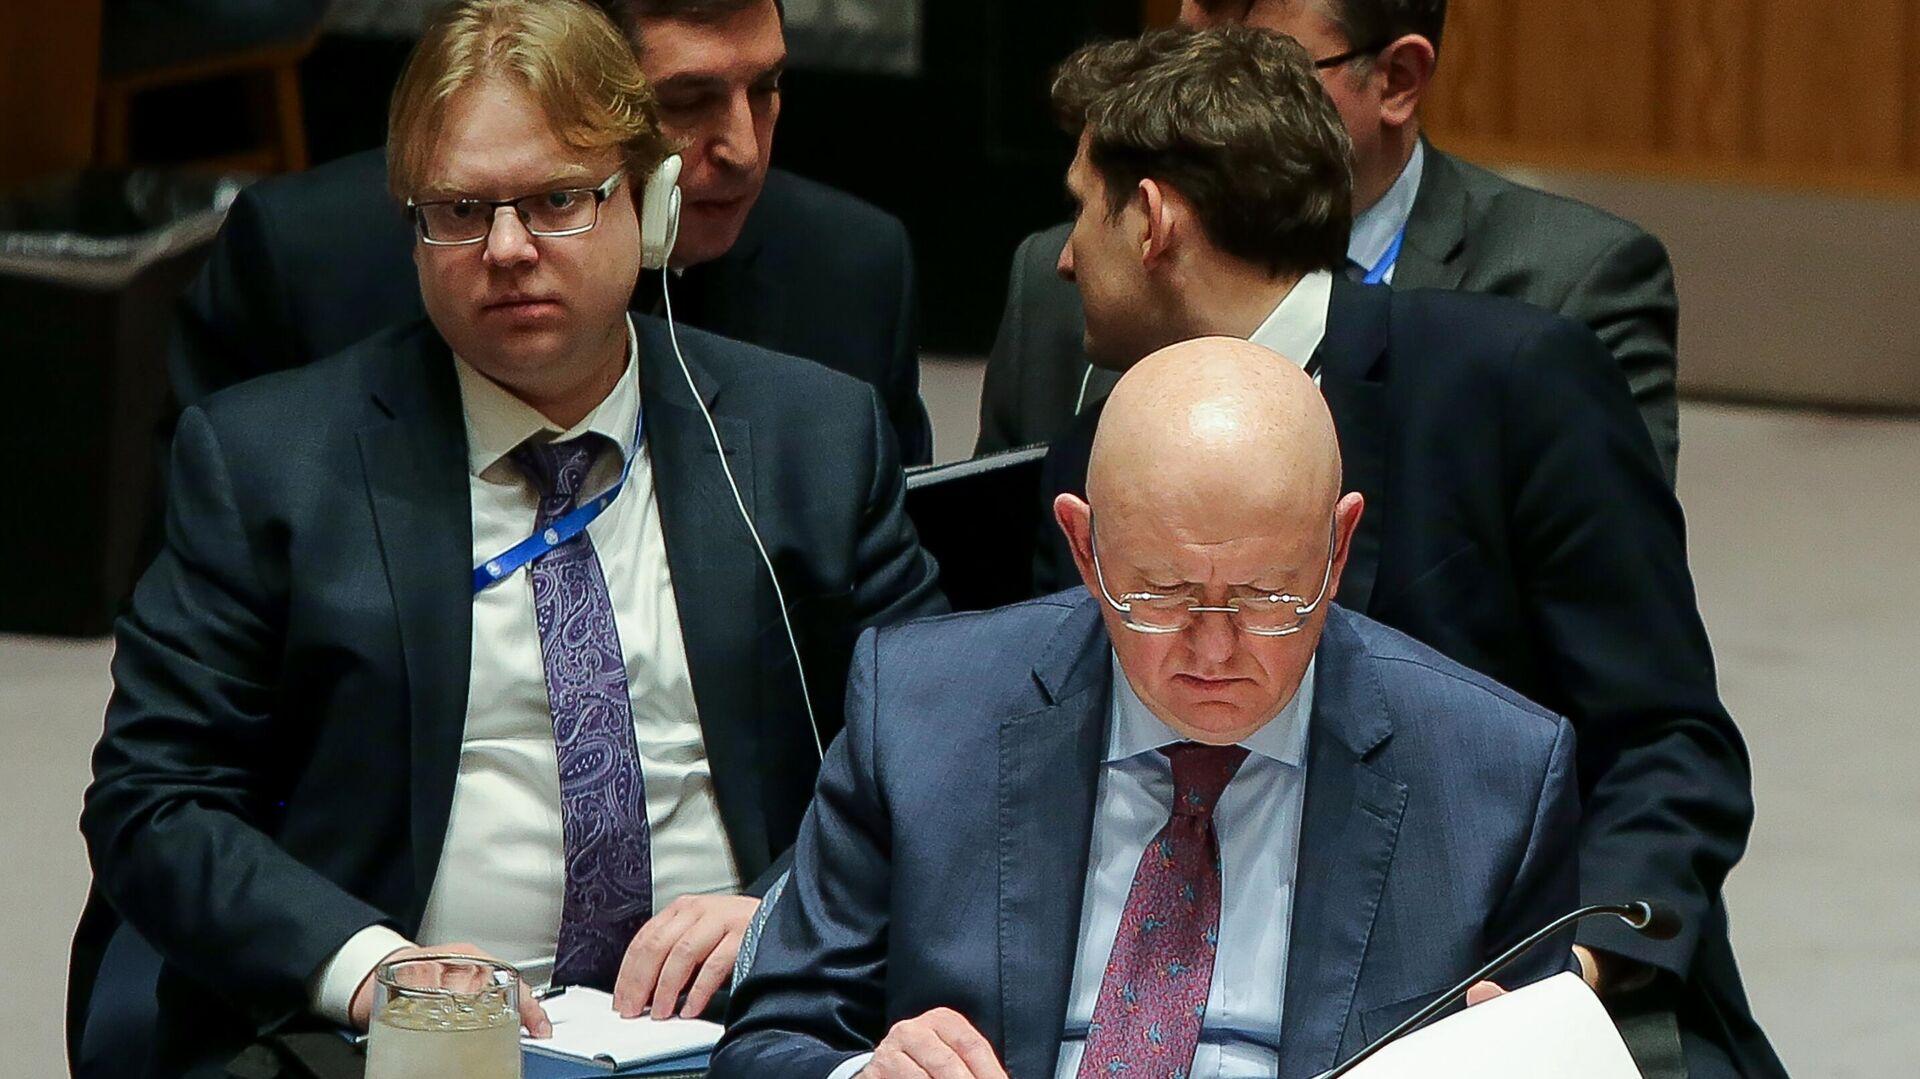 Постоянный представитель РФ при ООН Василий Небензя на заседании Совета безопасности ООН в Нью-Йорке - РИА Новости, 1920, 21.09.2020